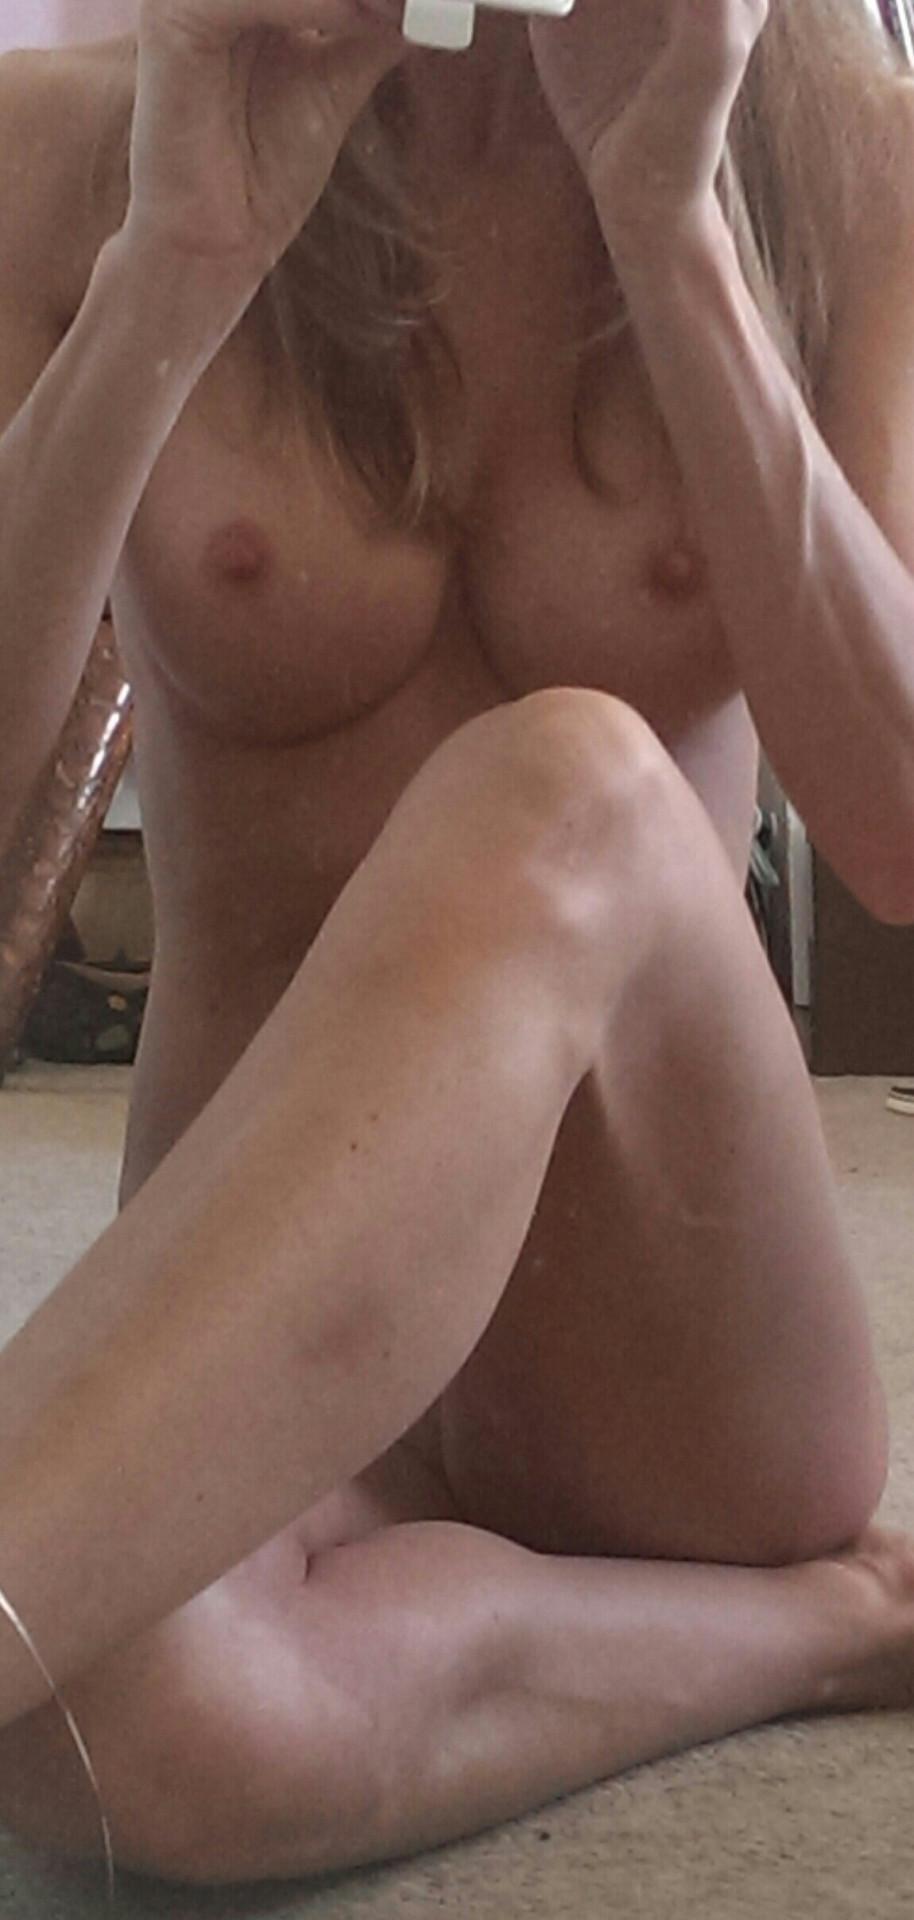 Mère de famille du 60 photo hot selfie